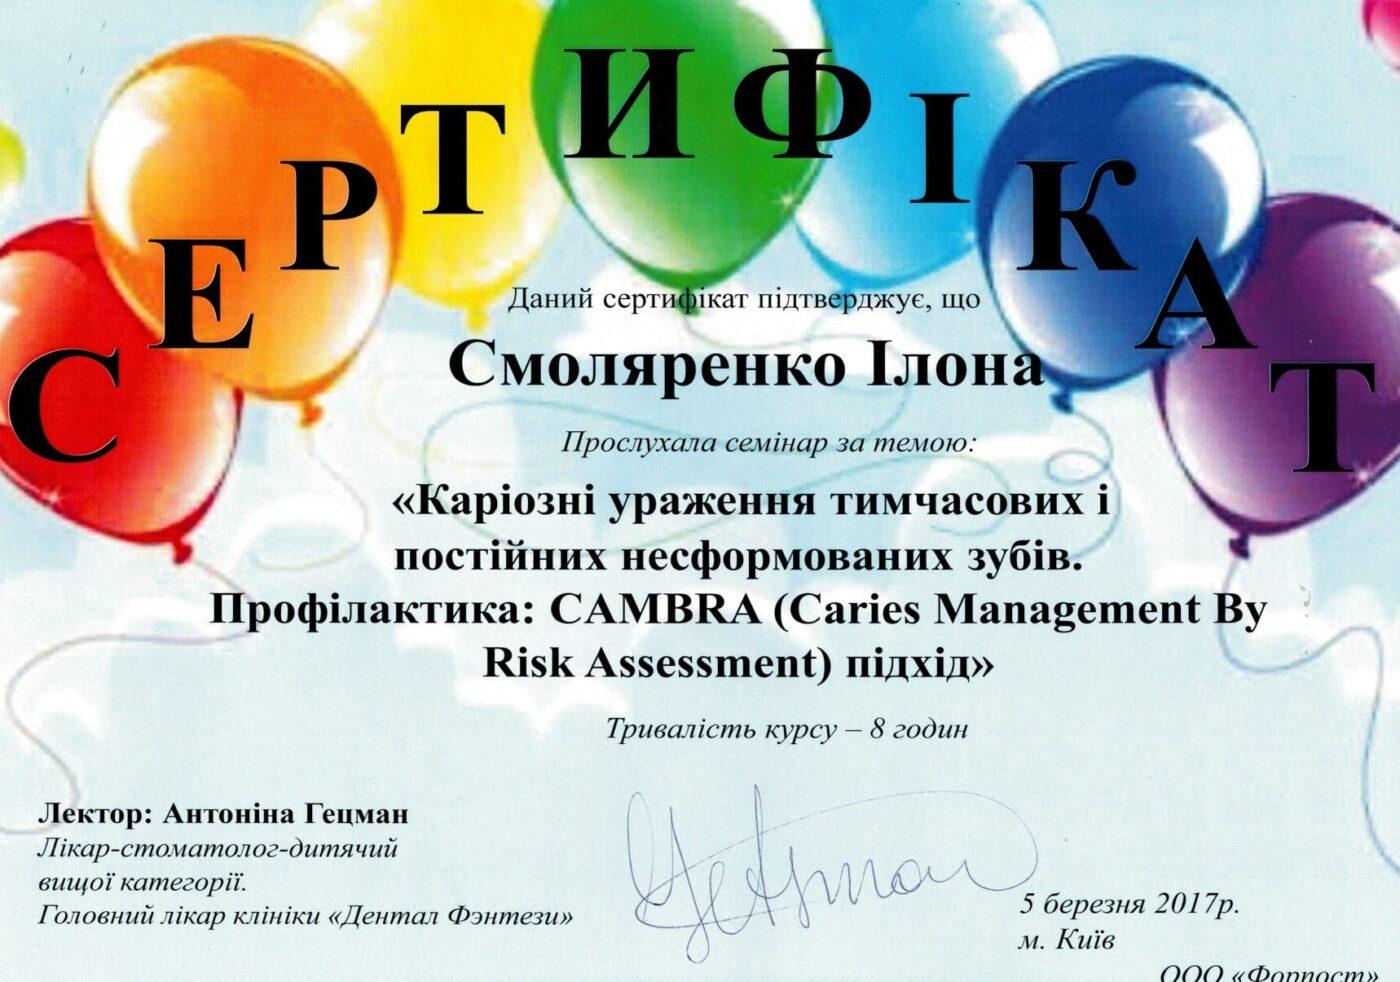 Сертифікат дитячого лікаря стоматолога Смоляренко Ілони Олегівни об участі у семінарі (Каріозні ураження тимчасових і постійних несформованих зубів. Профілактика: CAMBRA (Caries Management By Risk Assessment) підхід)